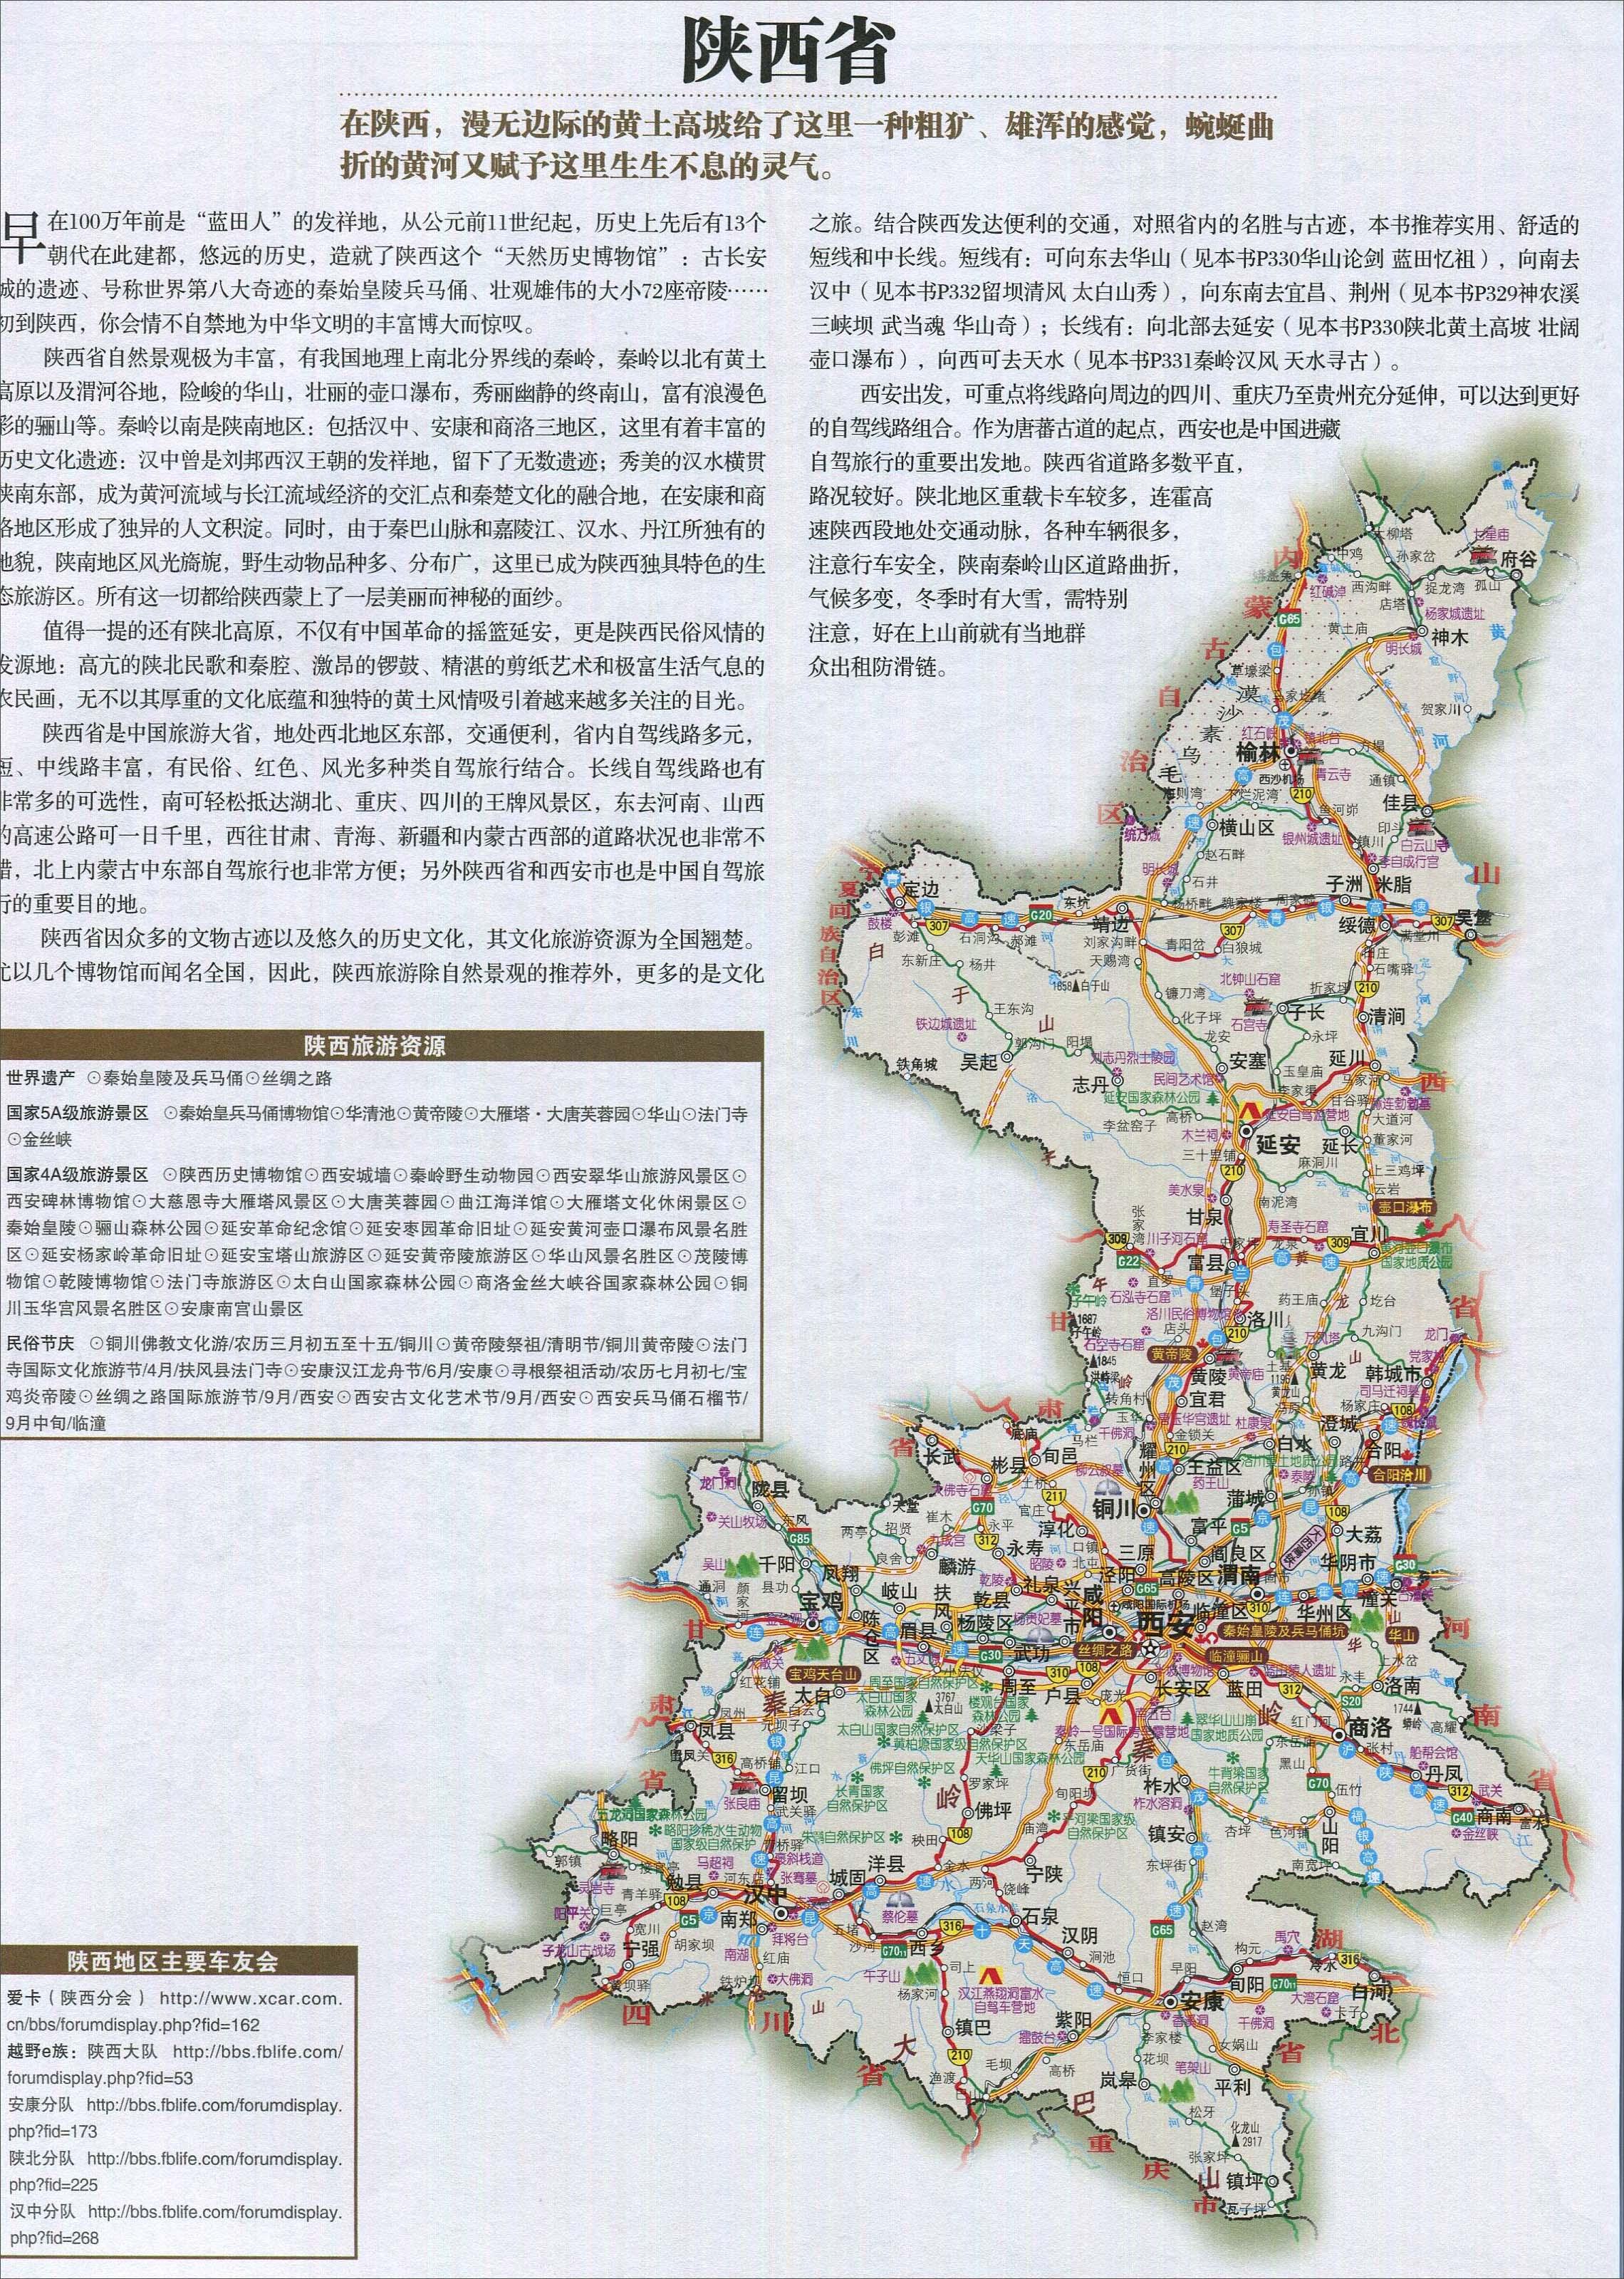 上海西藏自驾游_陕西自驾游地图_陕西旅游地图库_地图窝